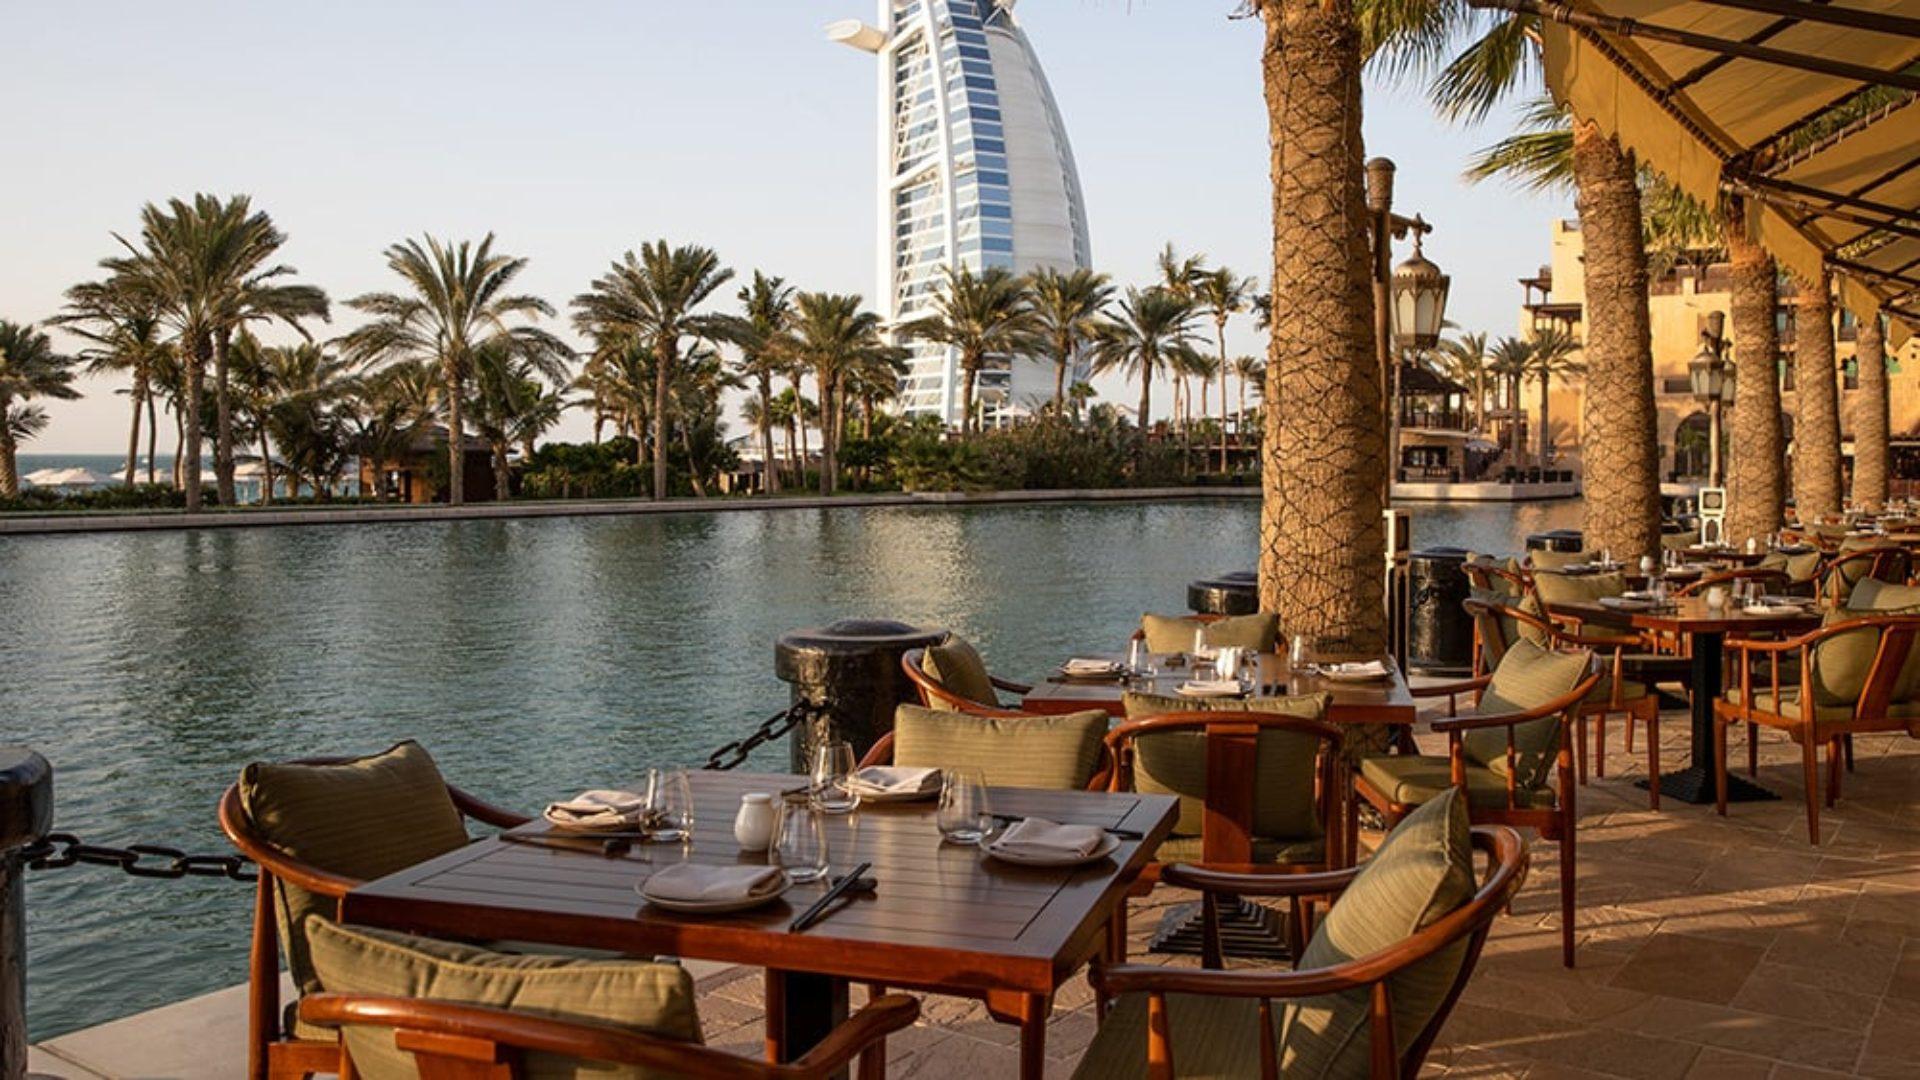 Outdoor terrace dining at sunset at Jumeirah Dar Al Masyaf